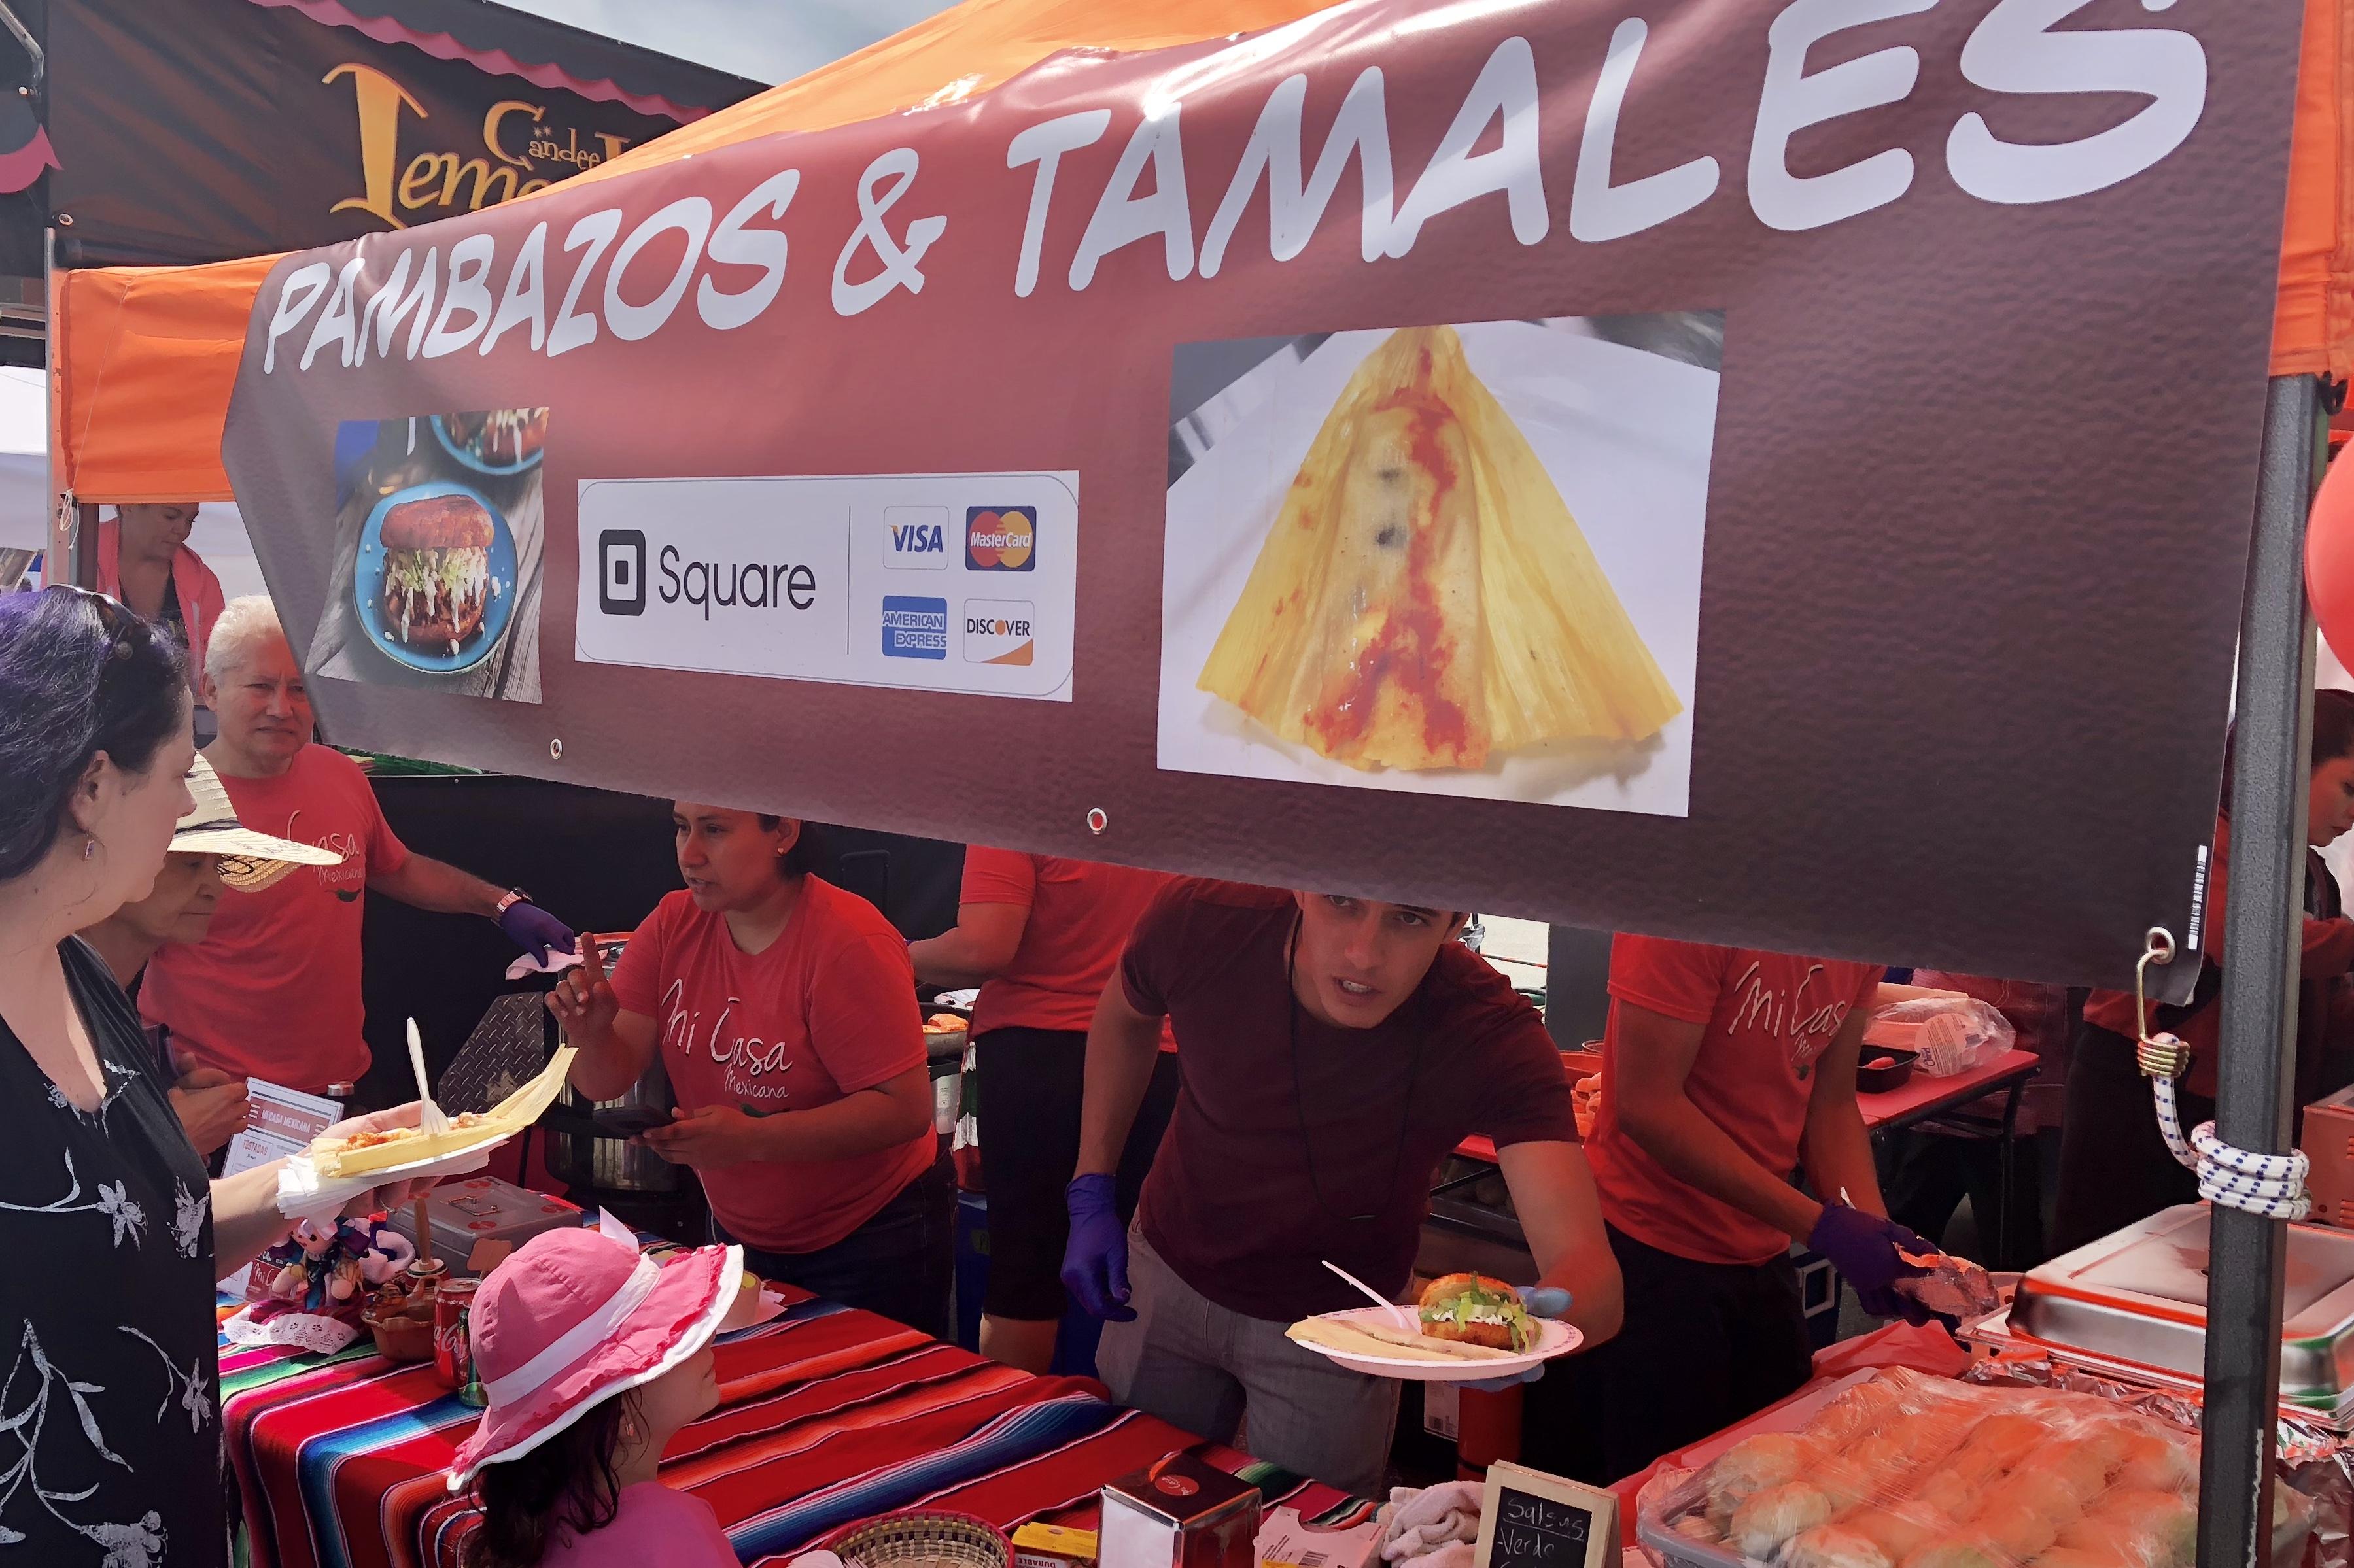 Pambazos & Tamales